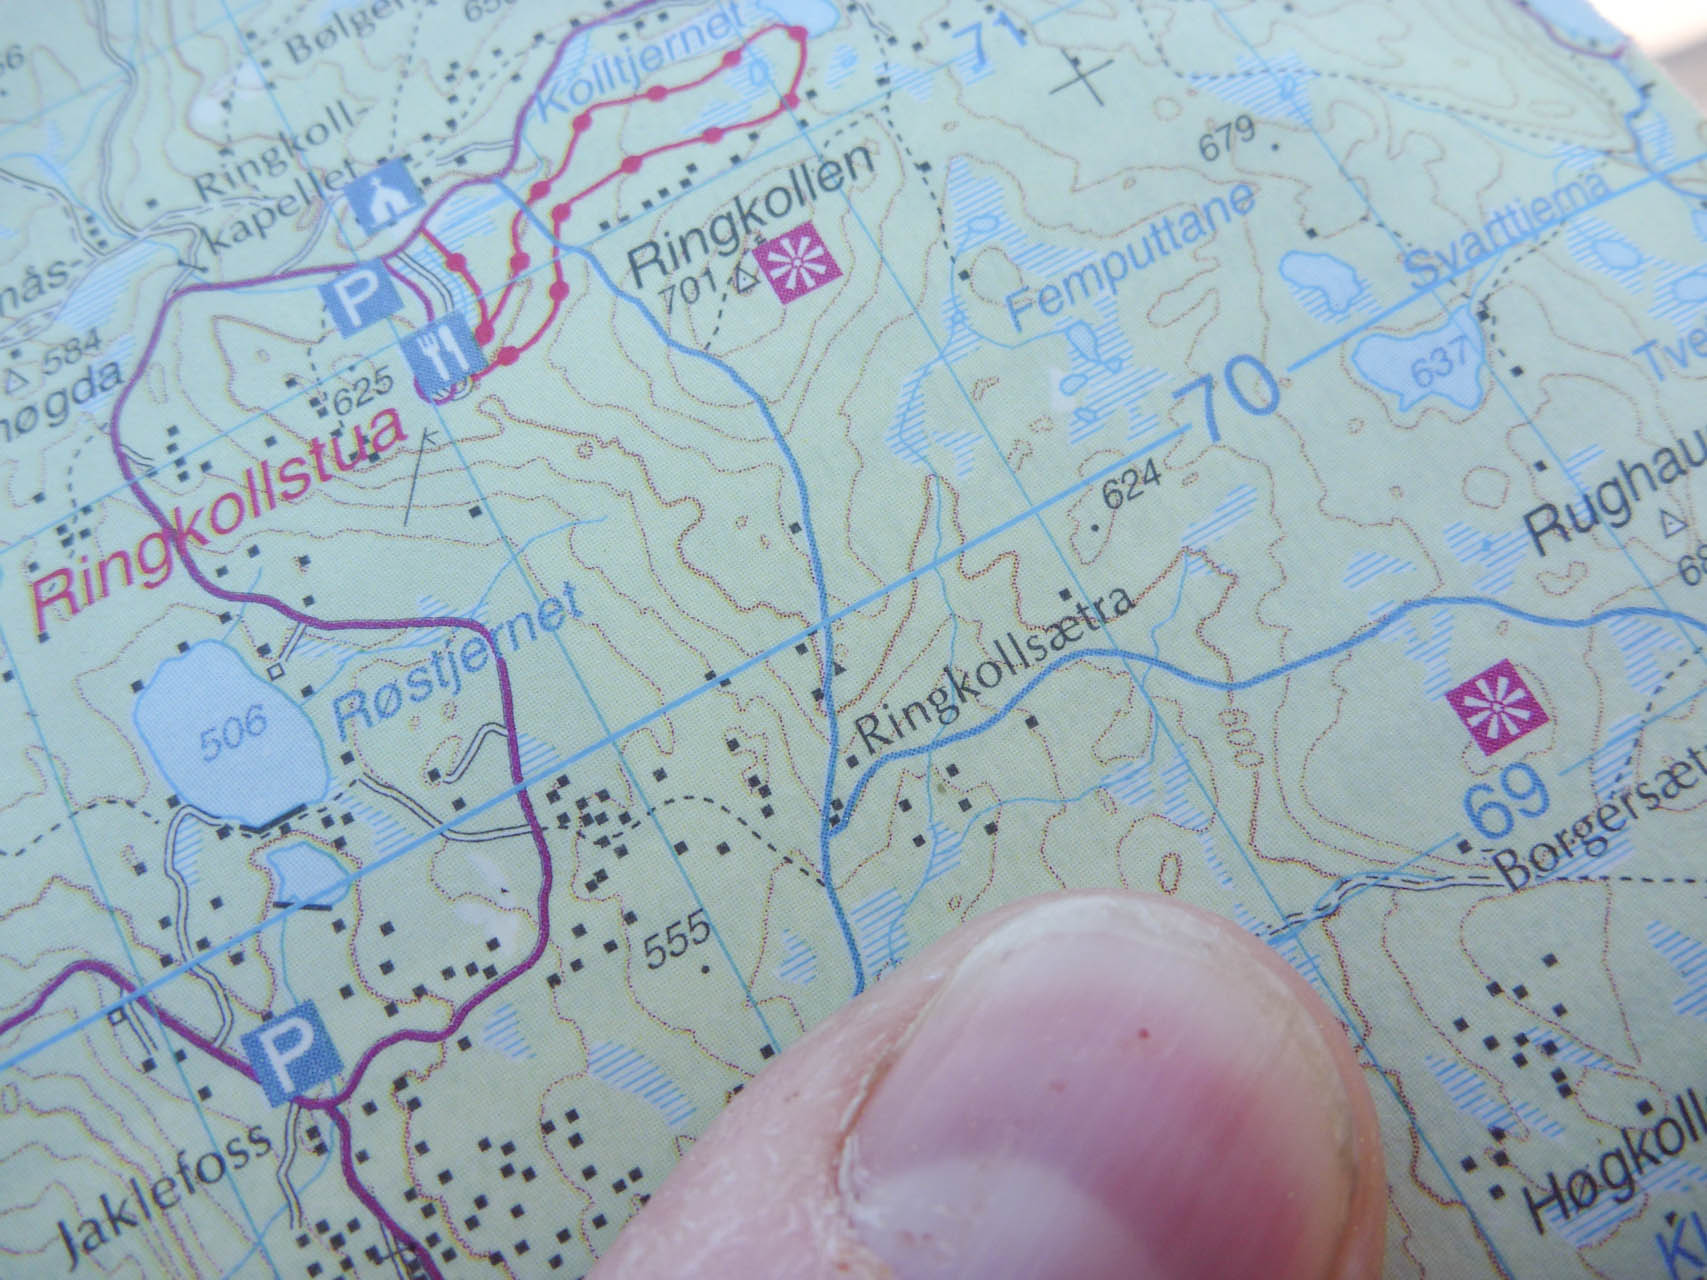 Kart over Krokskogen